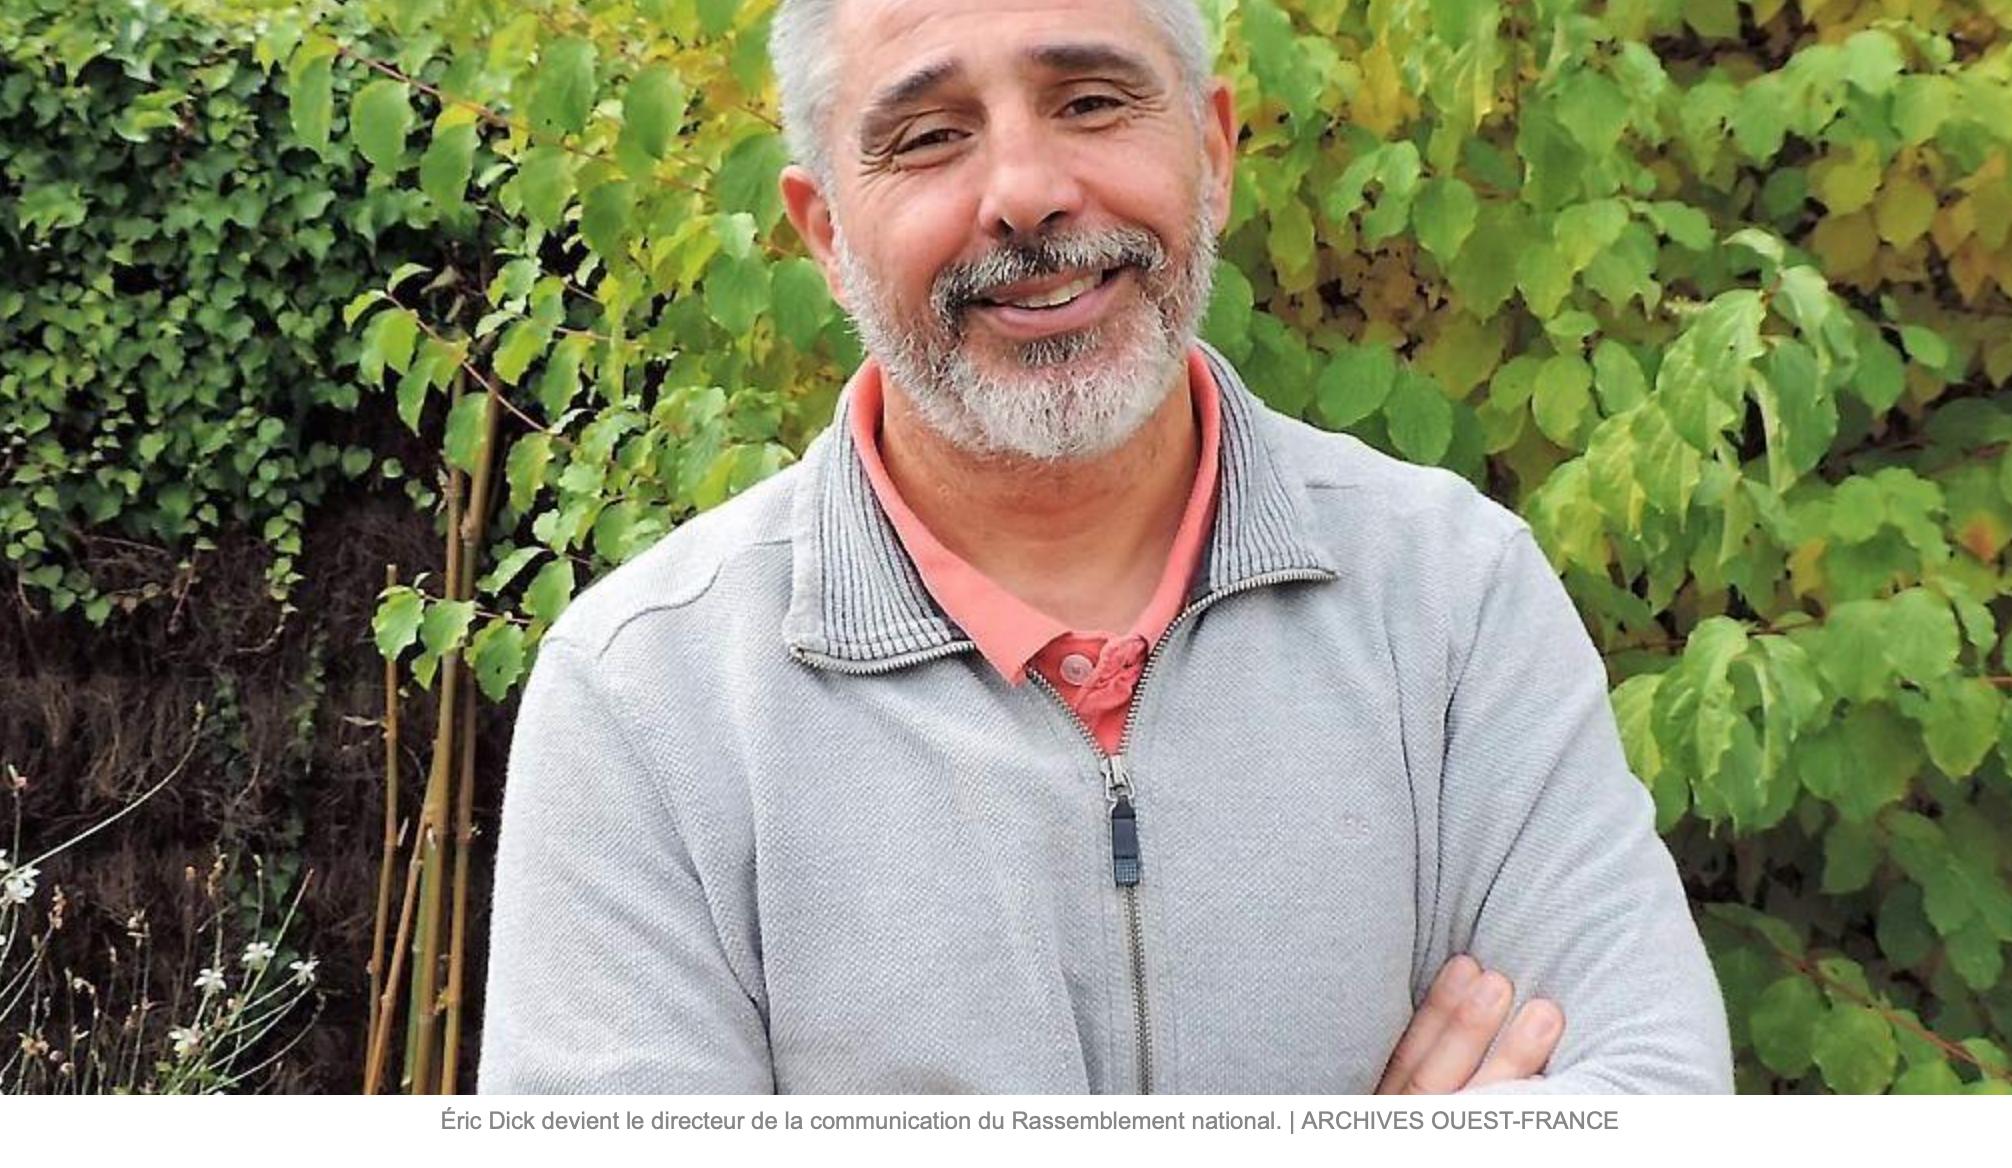 Bravo au RN qui prend l'anti-halal/anti-immigration Eric Dick comme directeur de communication